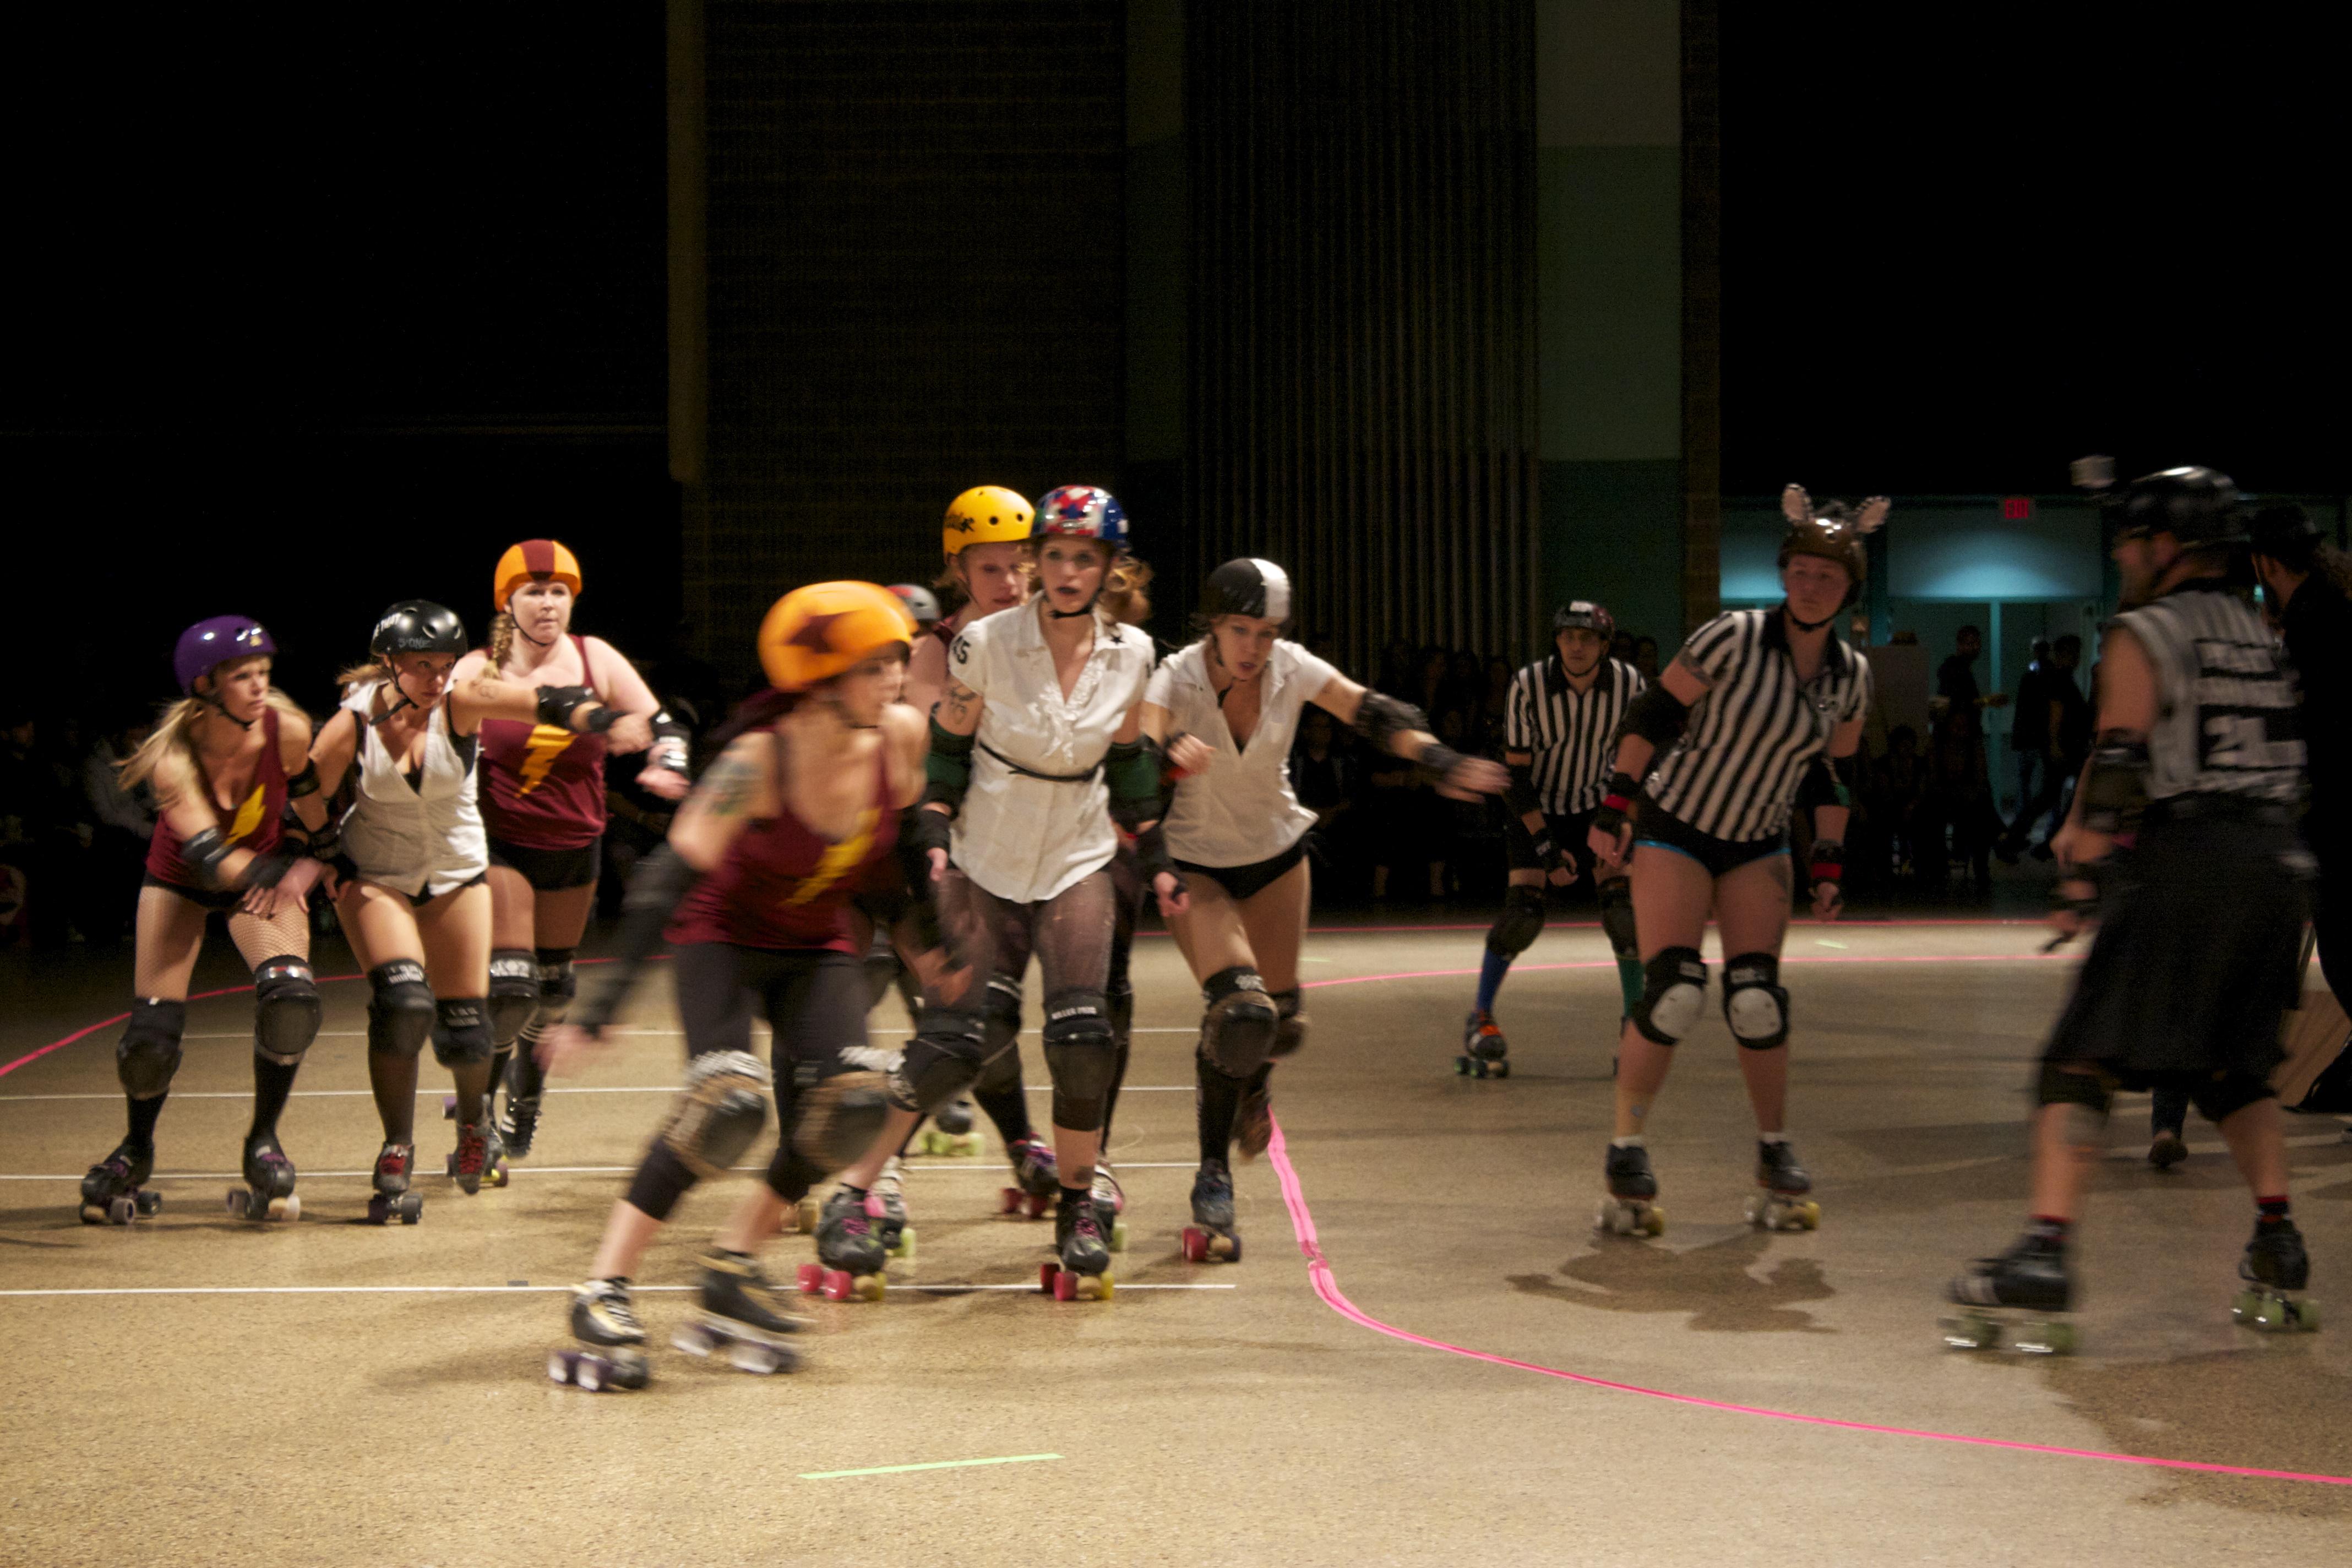 Roller skates winnipeg - The